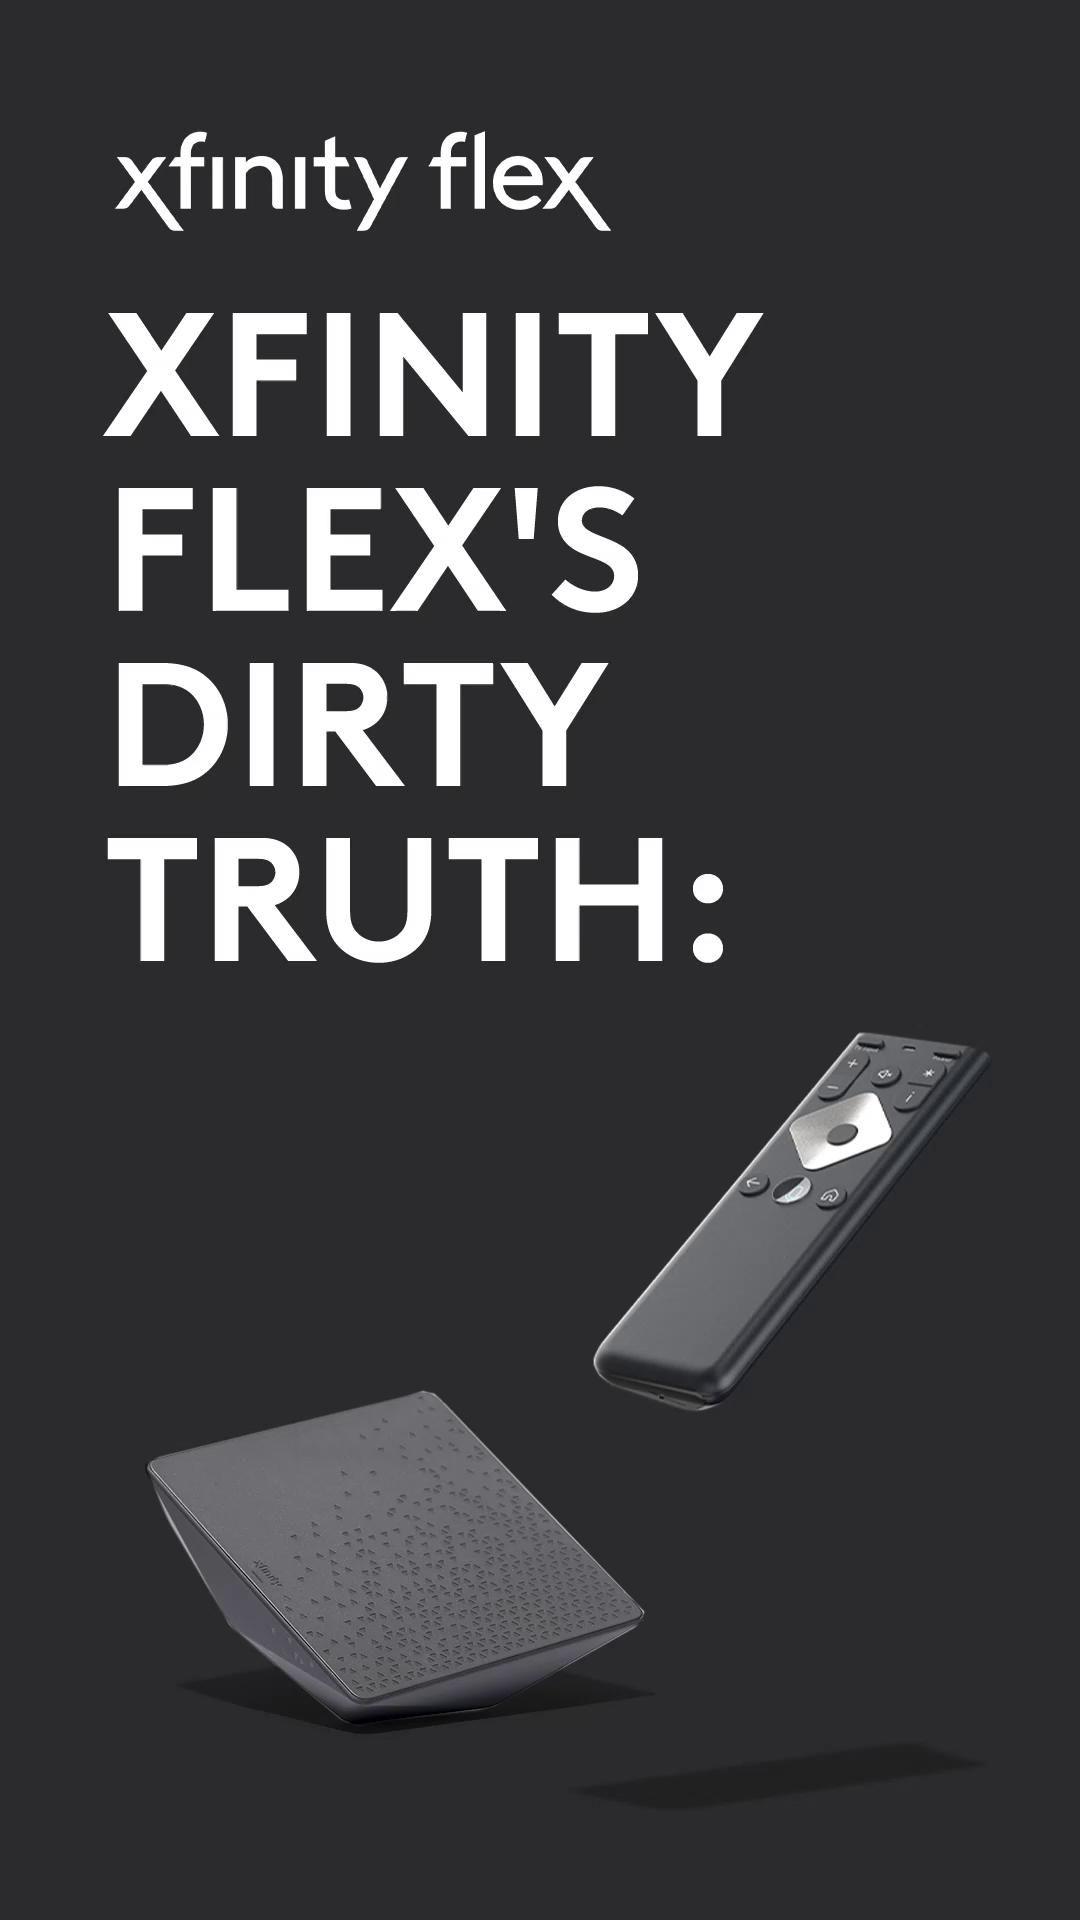 SHOCKING Exposé of Xfinity Flex